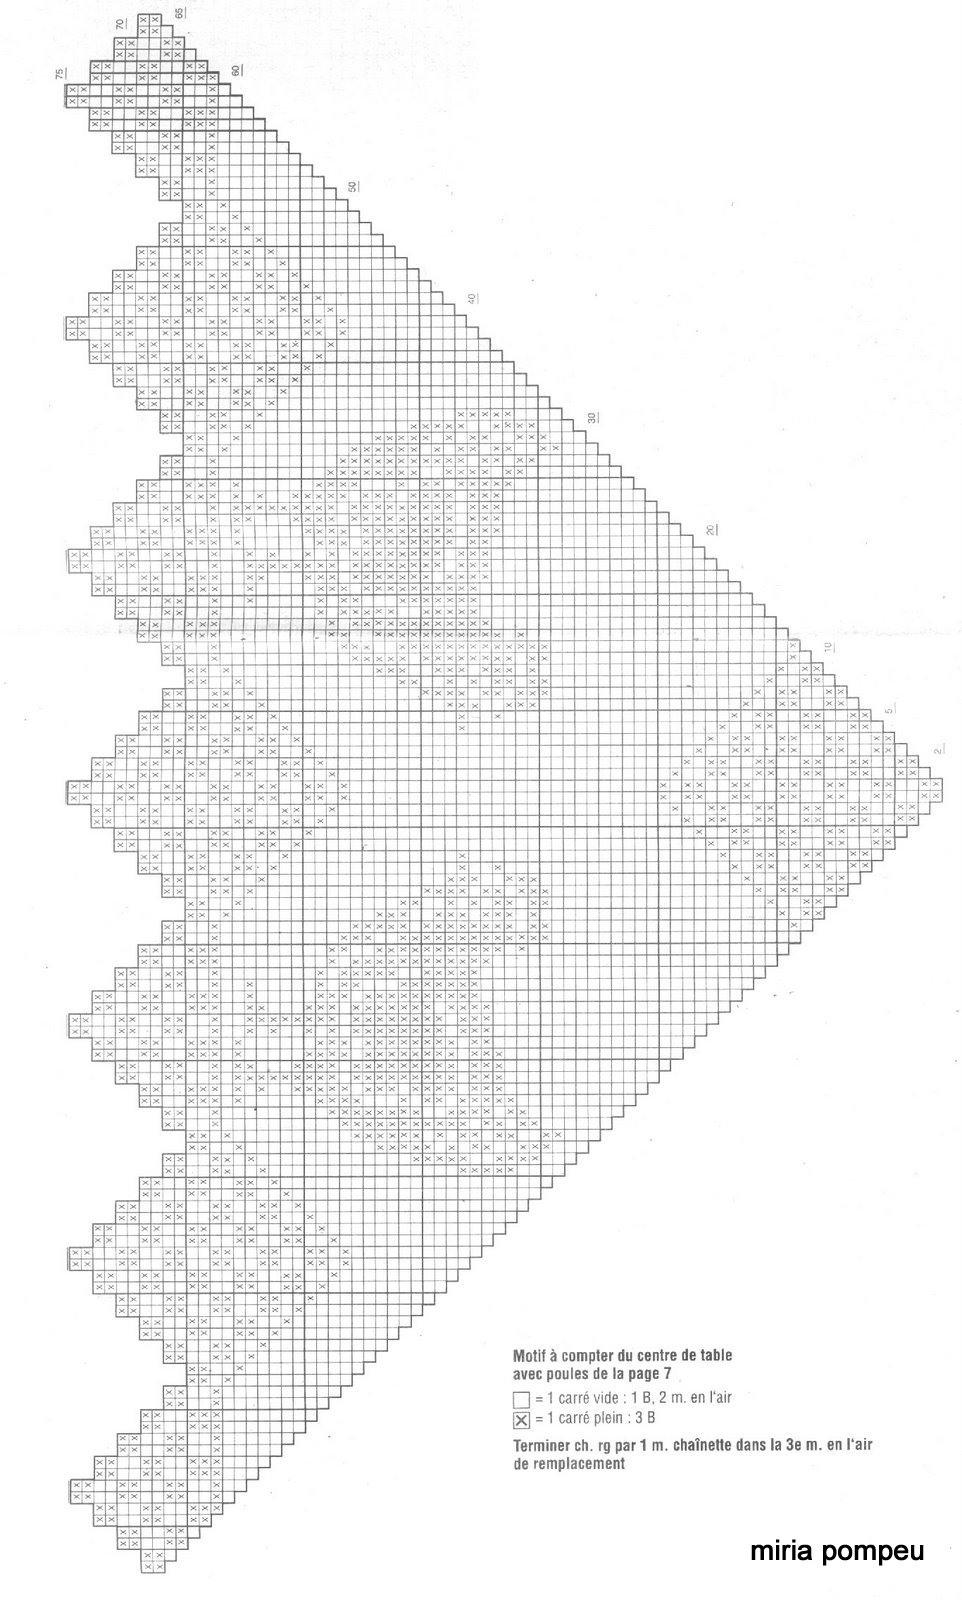 32rmbcb05 (6)a